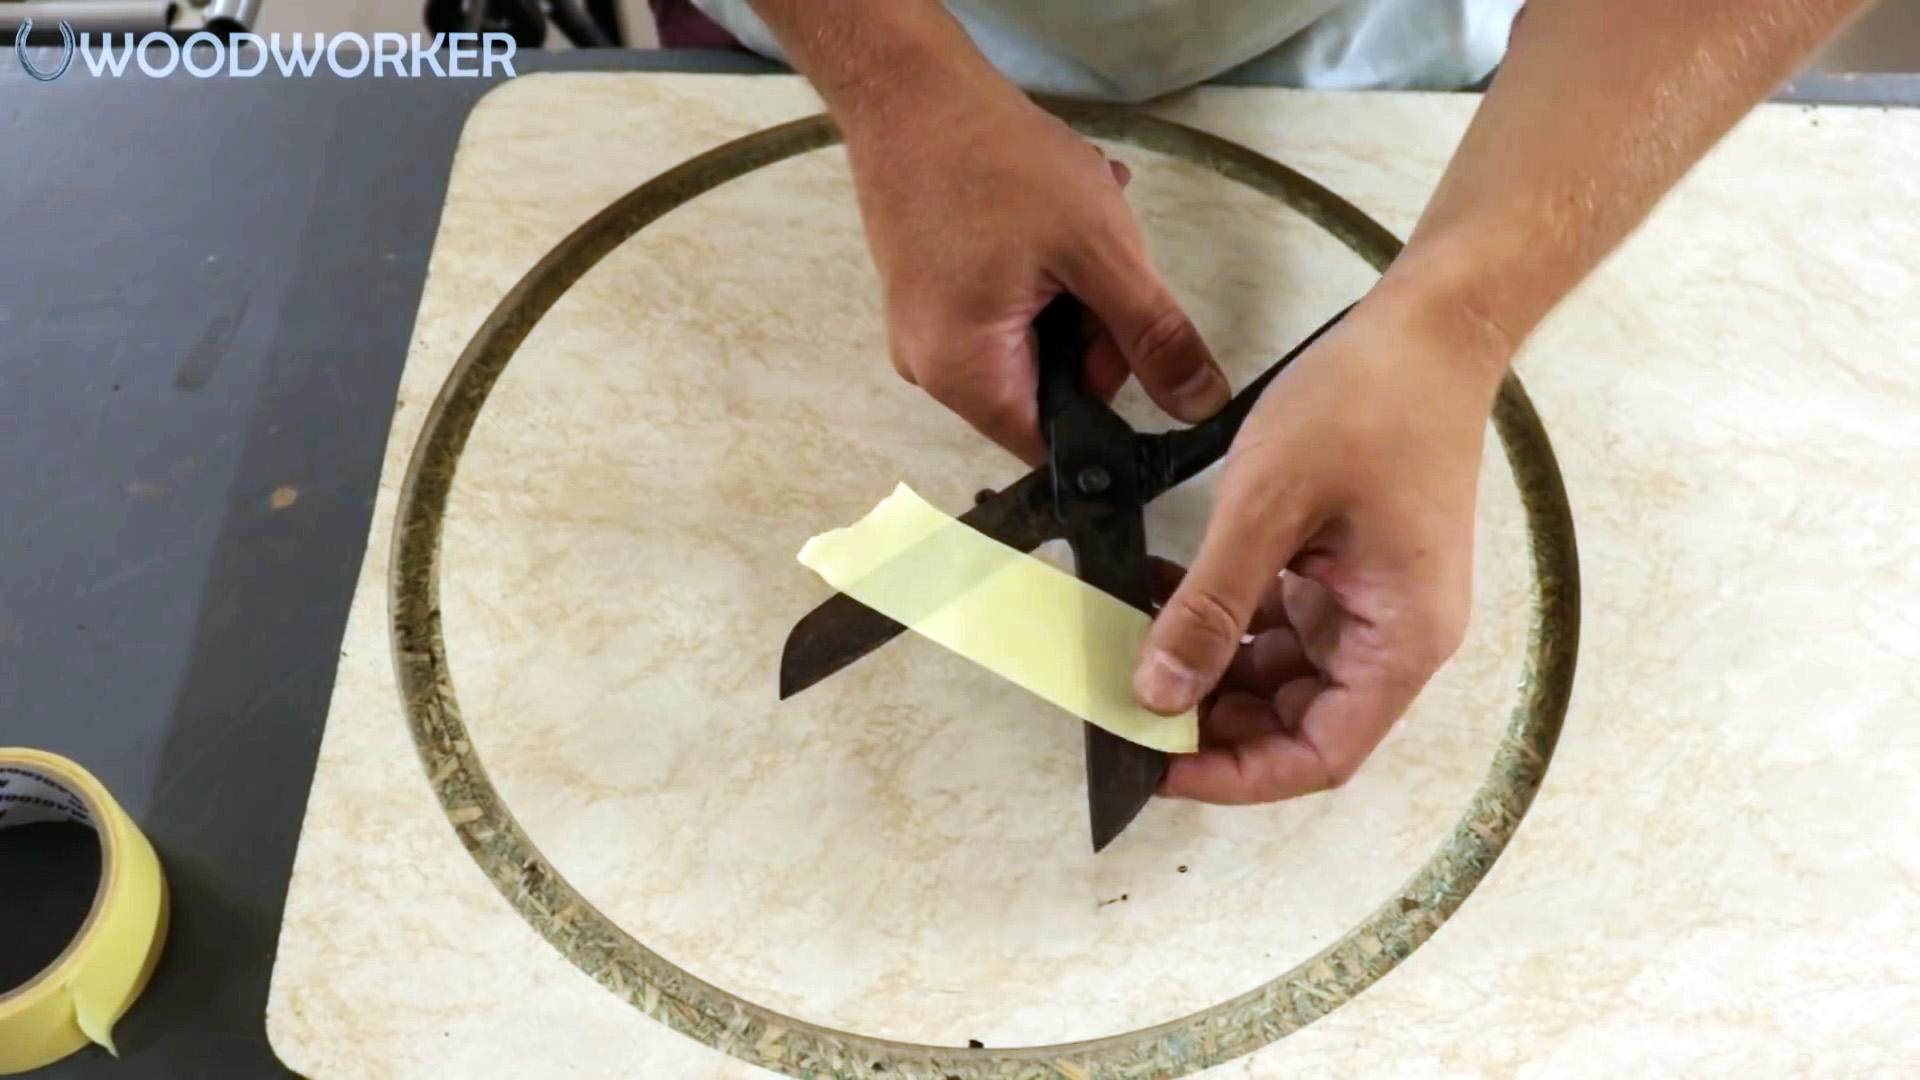 10 рабочих столярных хитростей и советов